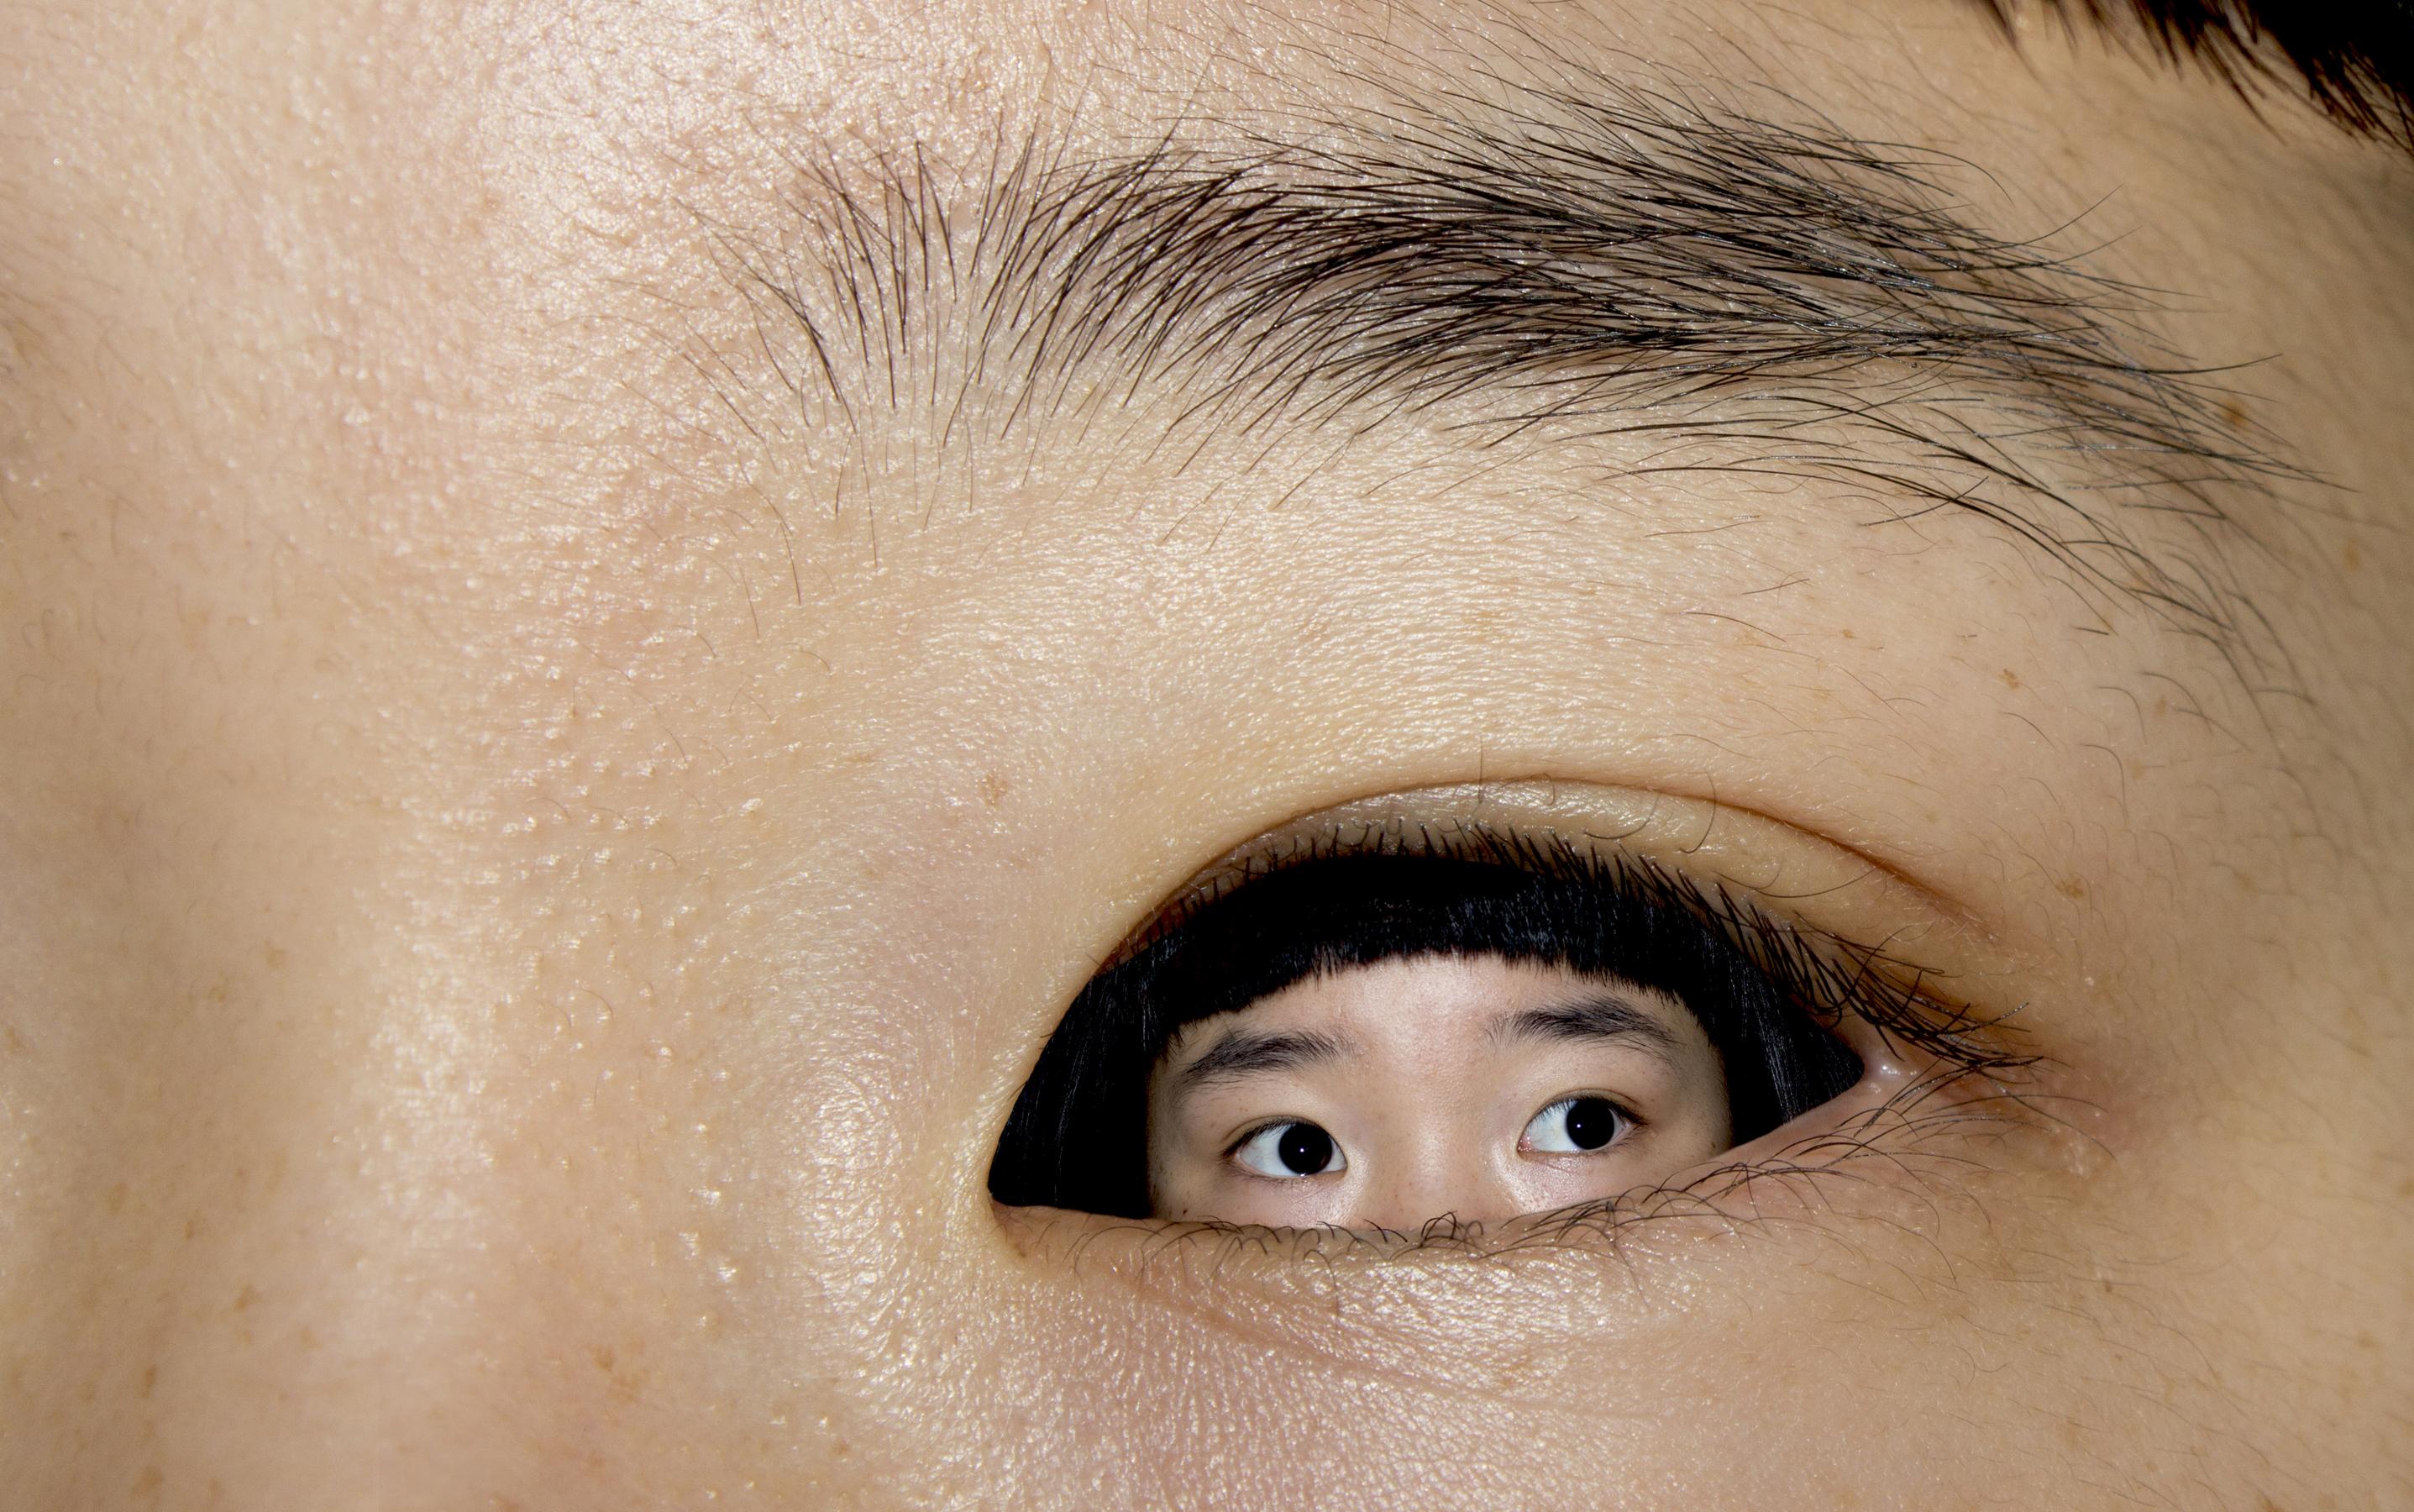 izumi_miyazaki_in_my_eye